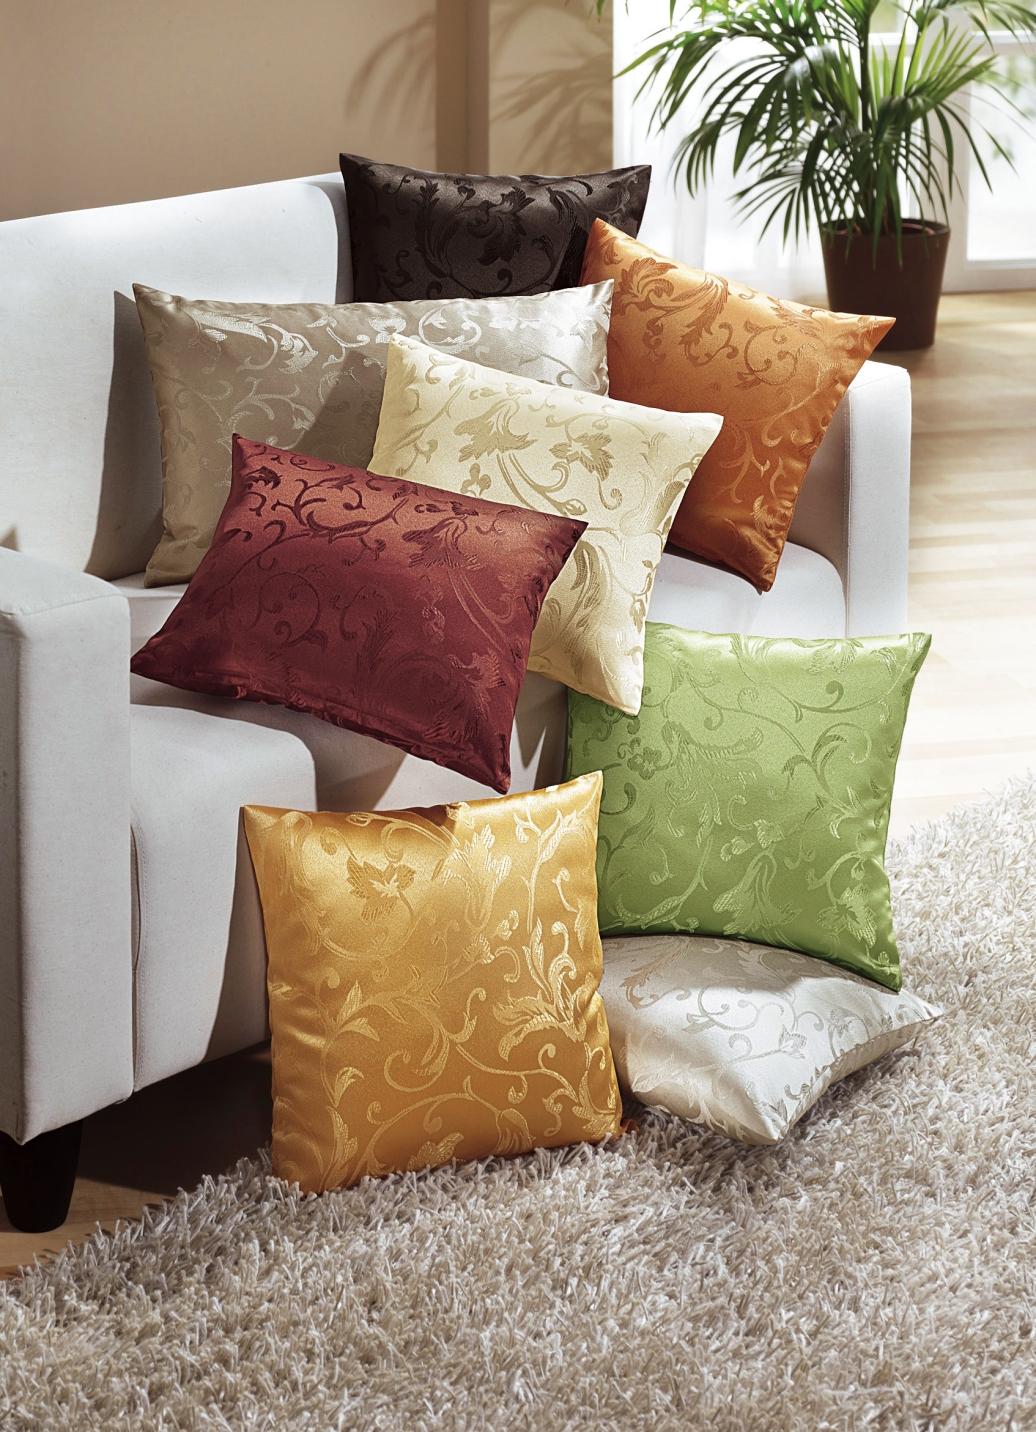 kissenh llen 2er set in verschiedenen farben wohnaccessoires brigitte salzburg. Black Bedroom Furniture Sets. Home Design Ideas